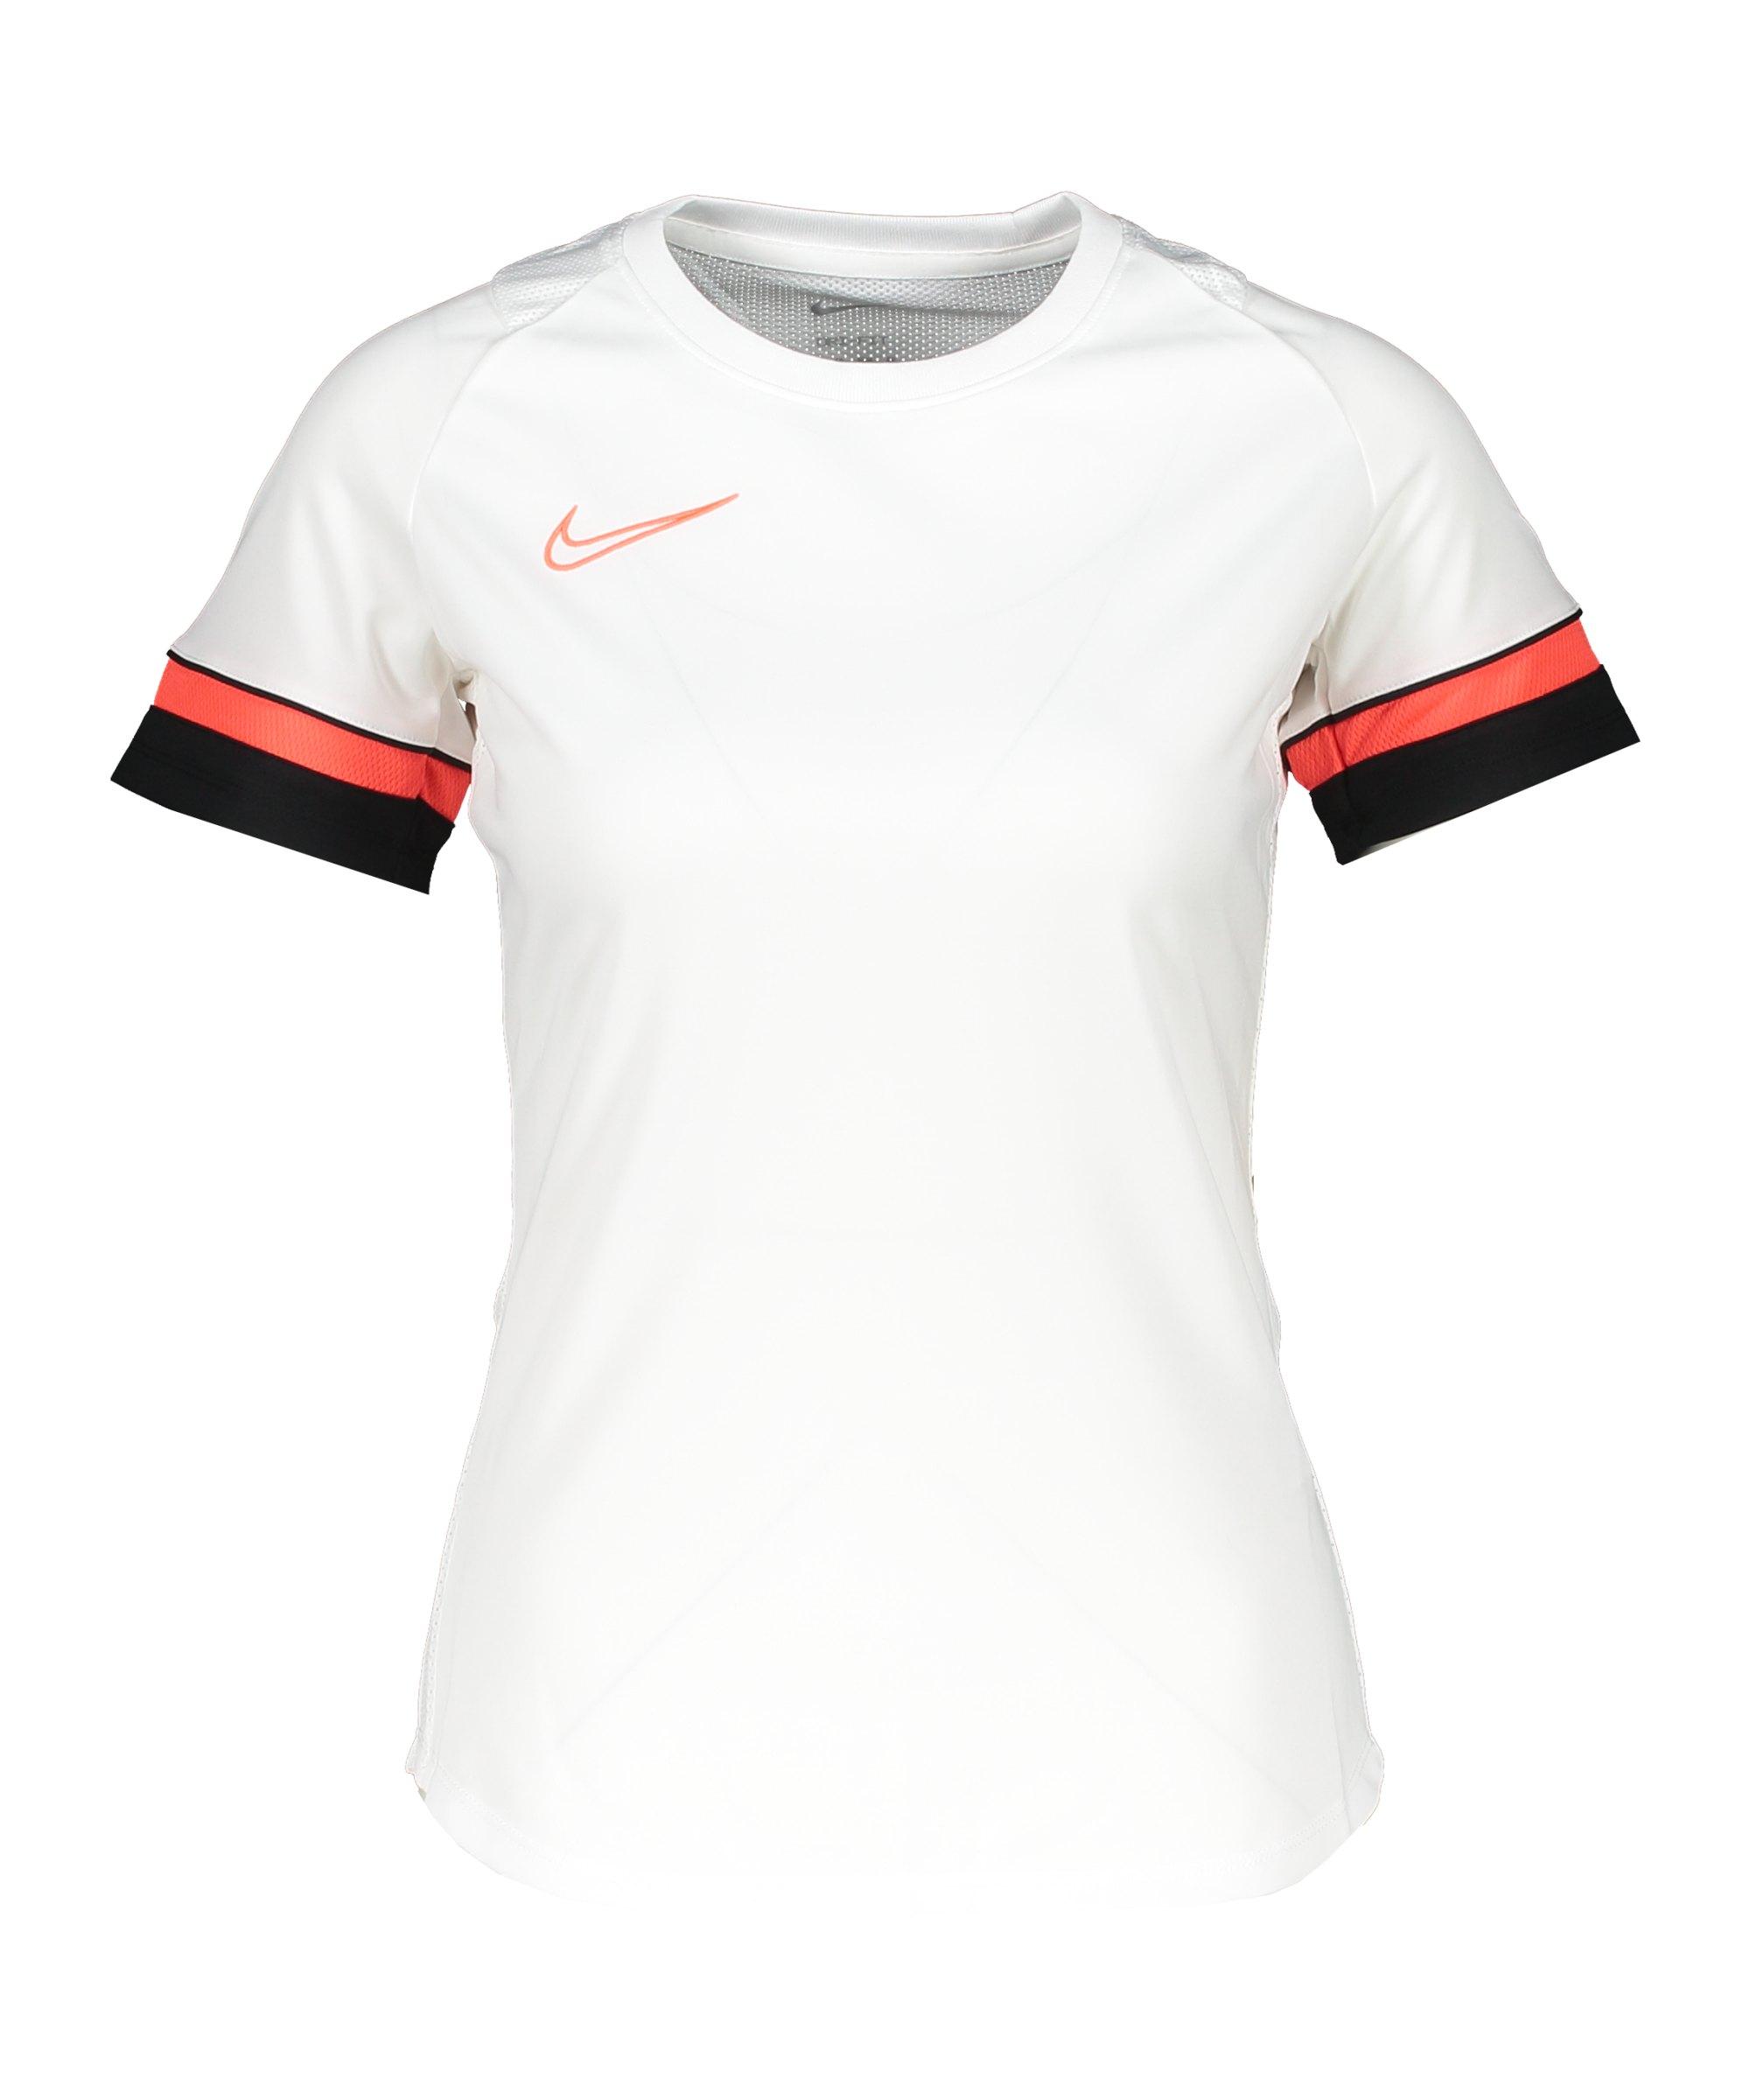 Nike Academy 21 T-Shirt Damen Weiss F101 - weiss